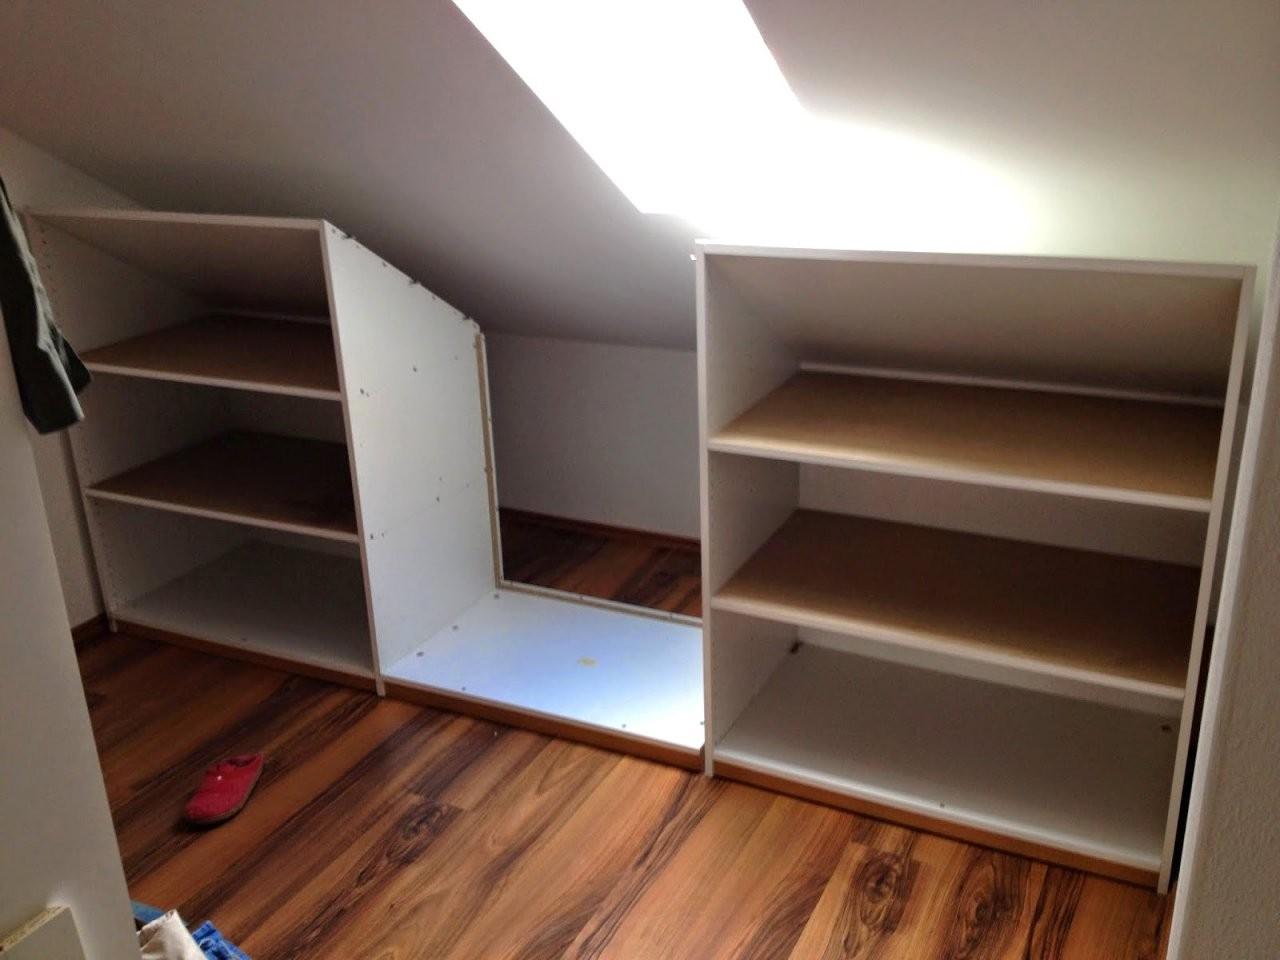 Ideas Möbel Für Dachschrägen Ikea von Schränke Für Schrägen Ikea Photo